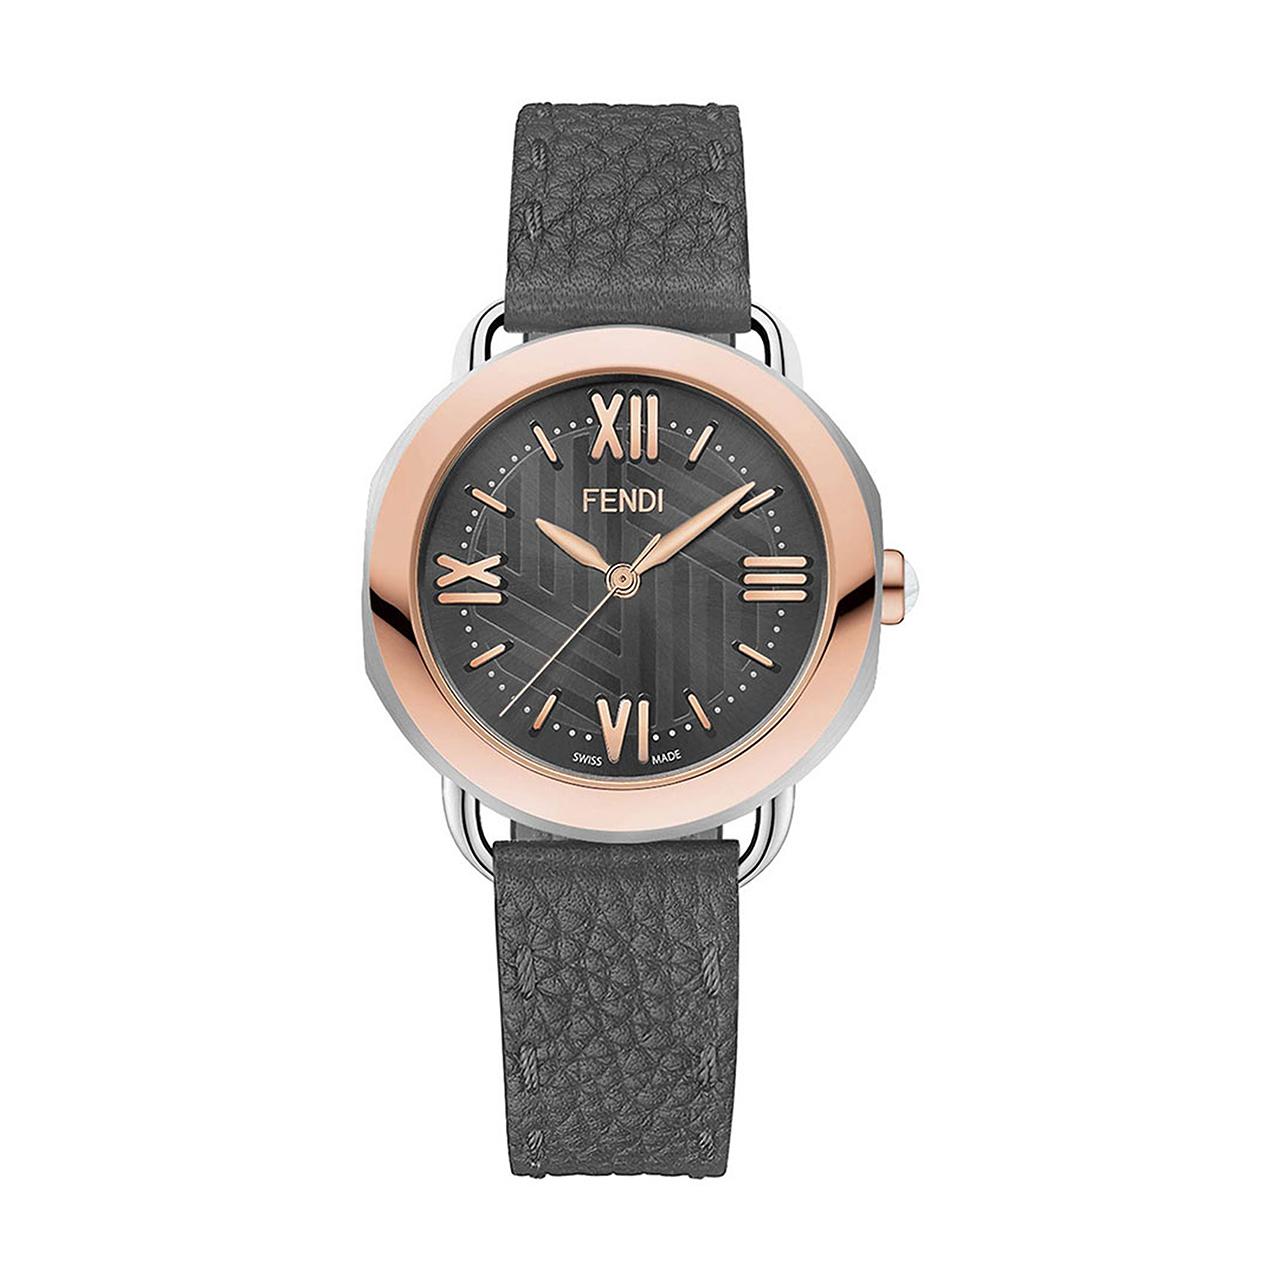 خرید ساعت مچی عقربه ای زنانه فندی مدل F8022360H0